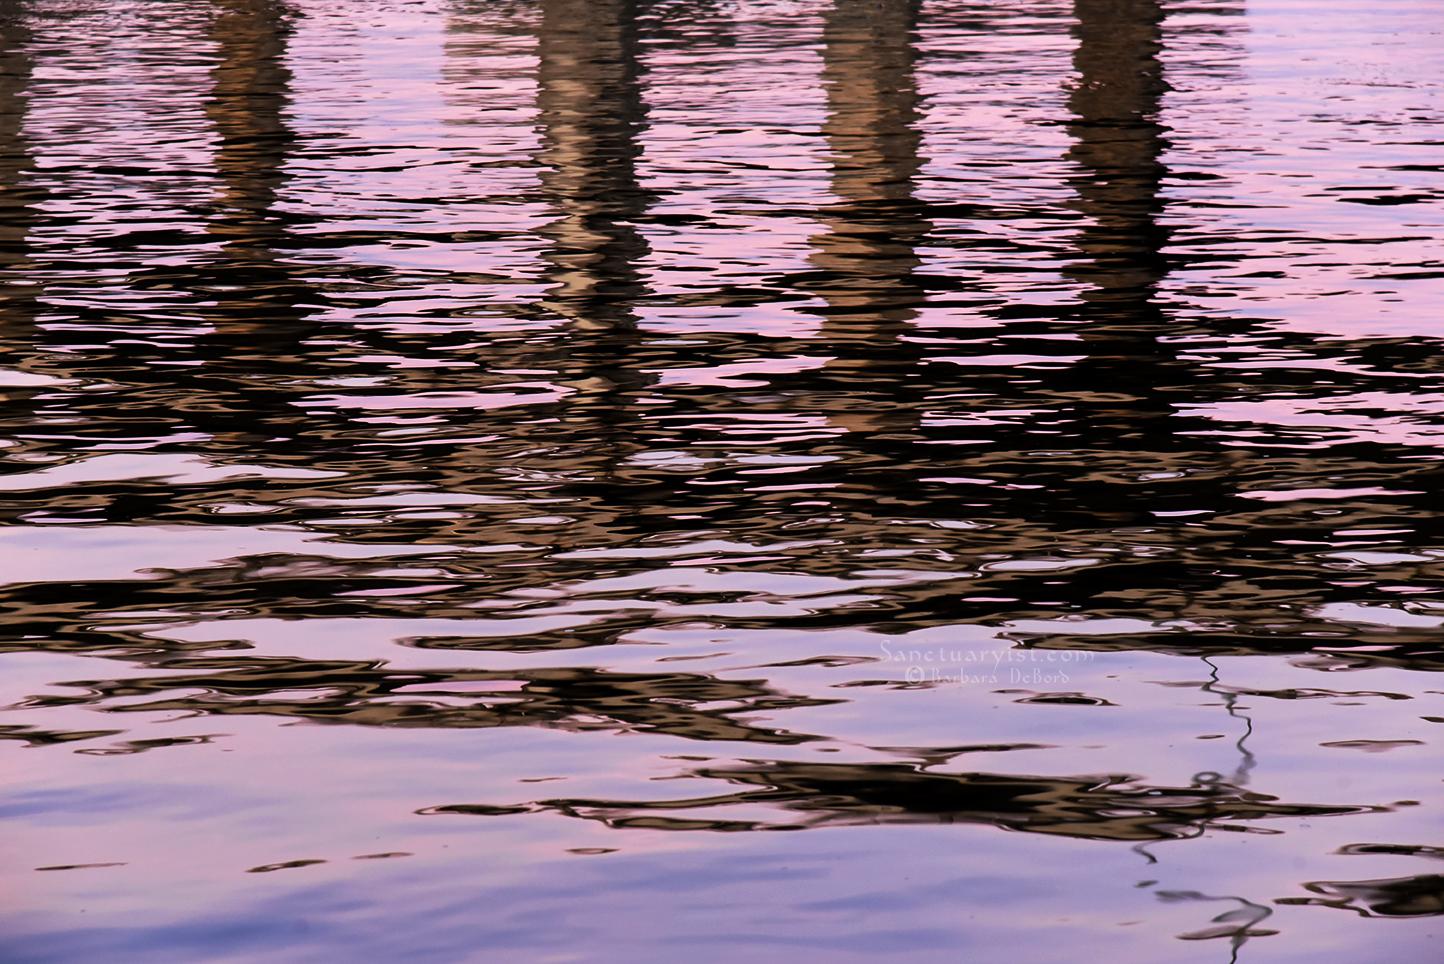 Lilac Tide No 1